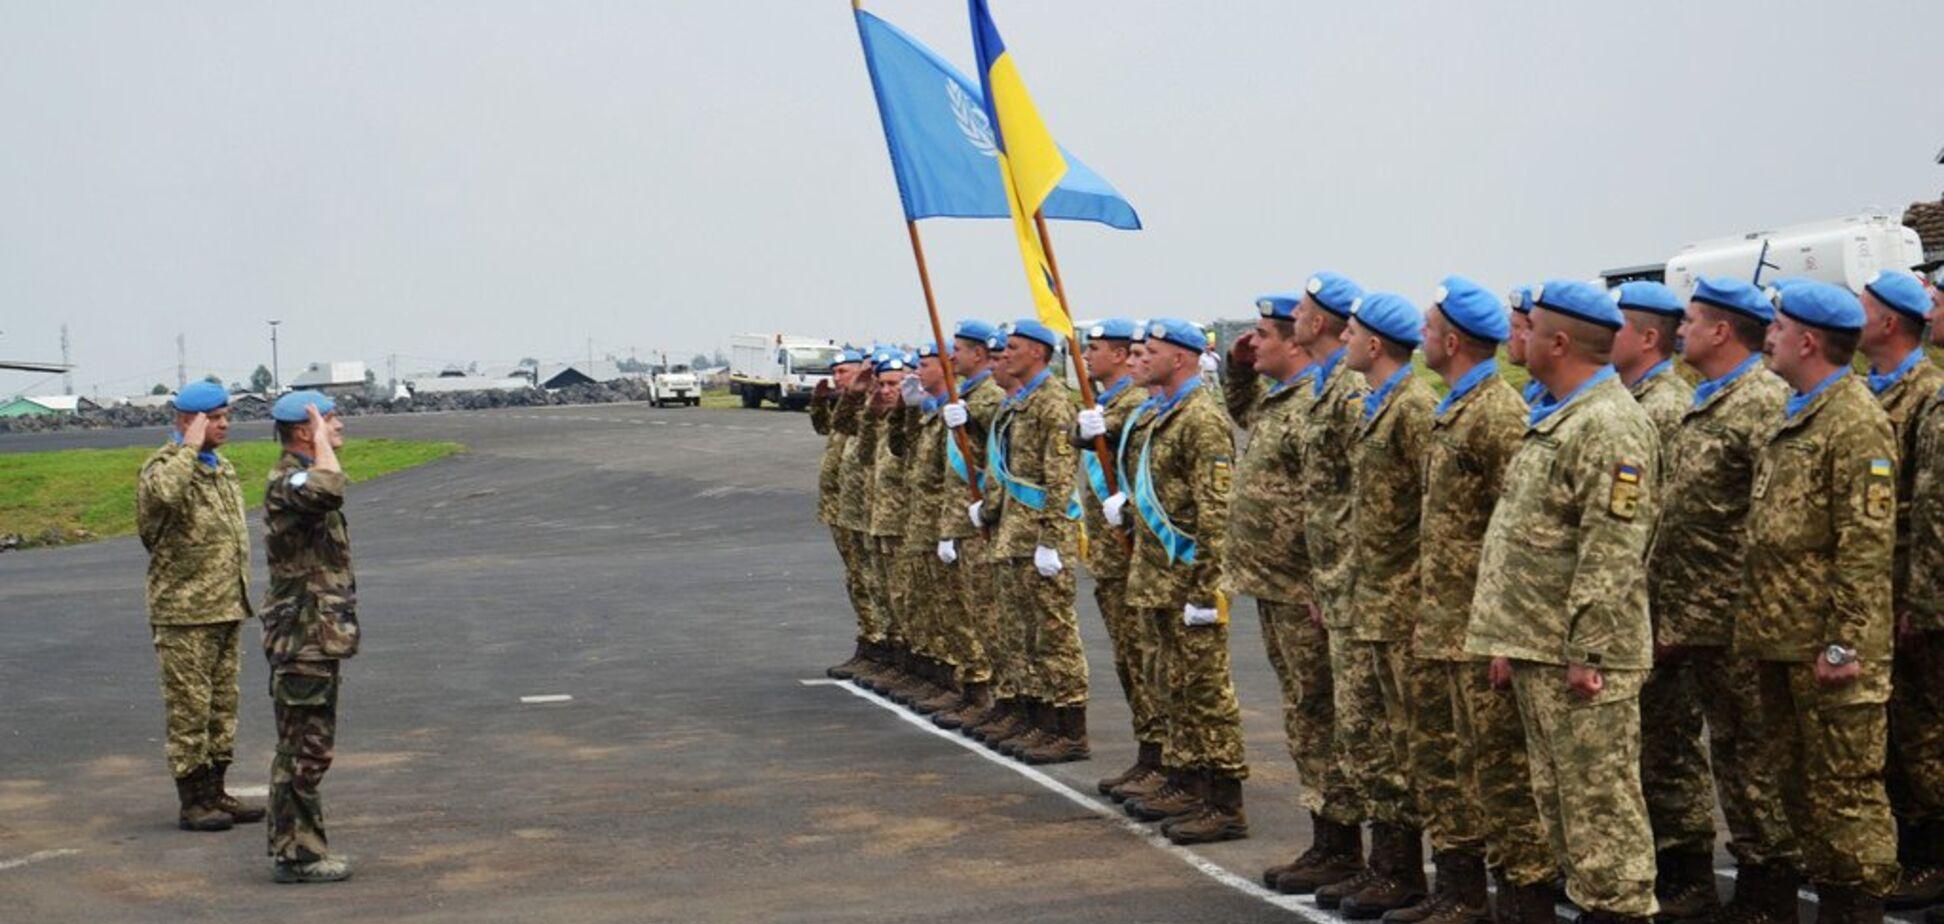 Провокацій не уникнути: військовий експерт дав прогноз на День Незалежності